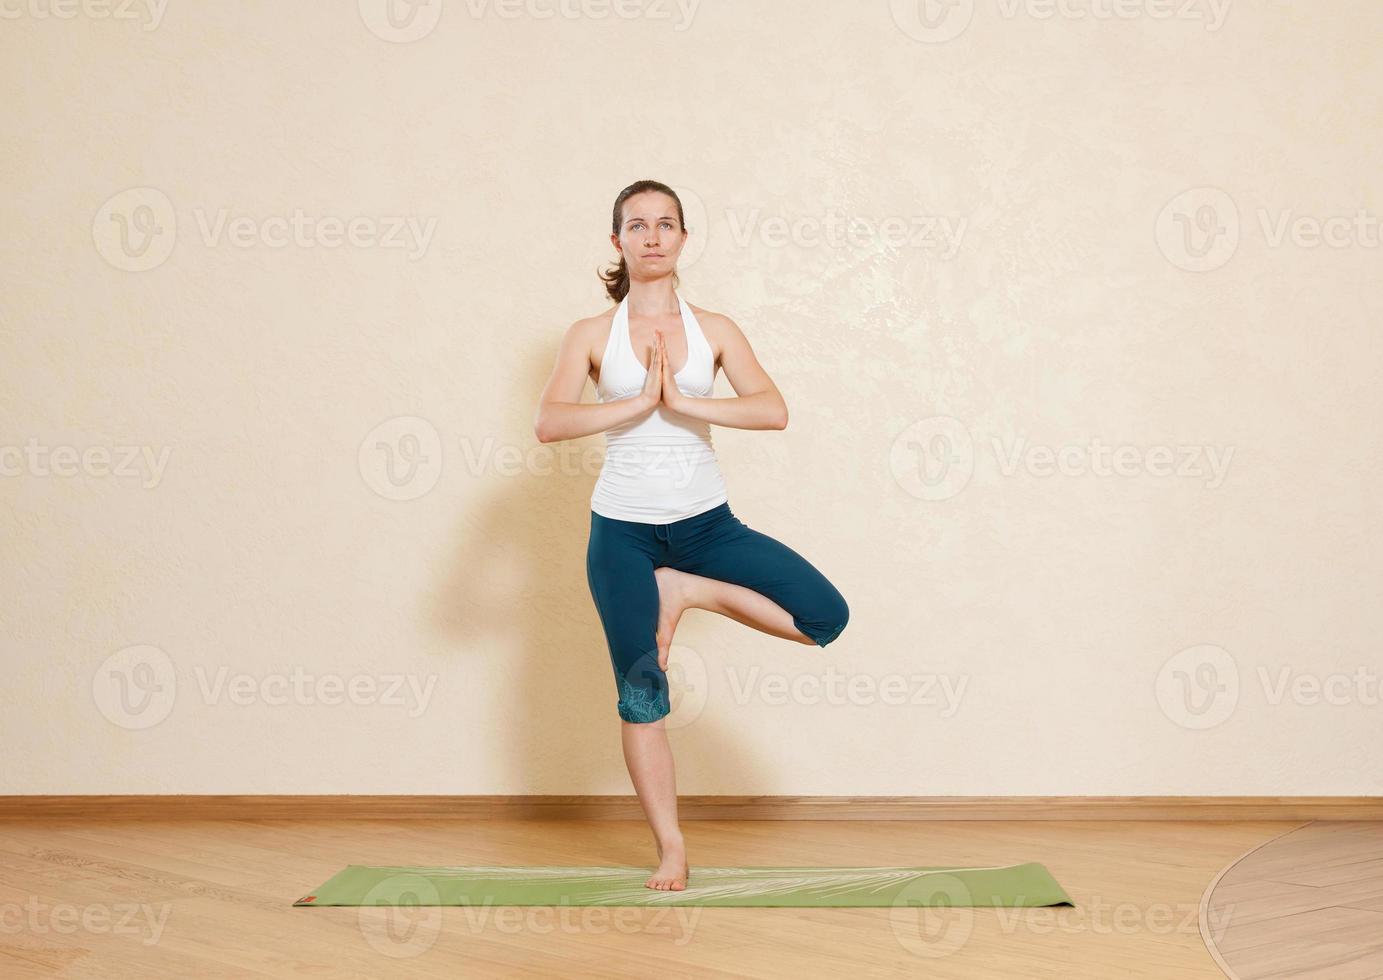 mulher caucasiana está praticando ioga no estúdio (vrikshasana) foto